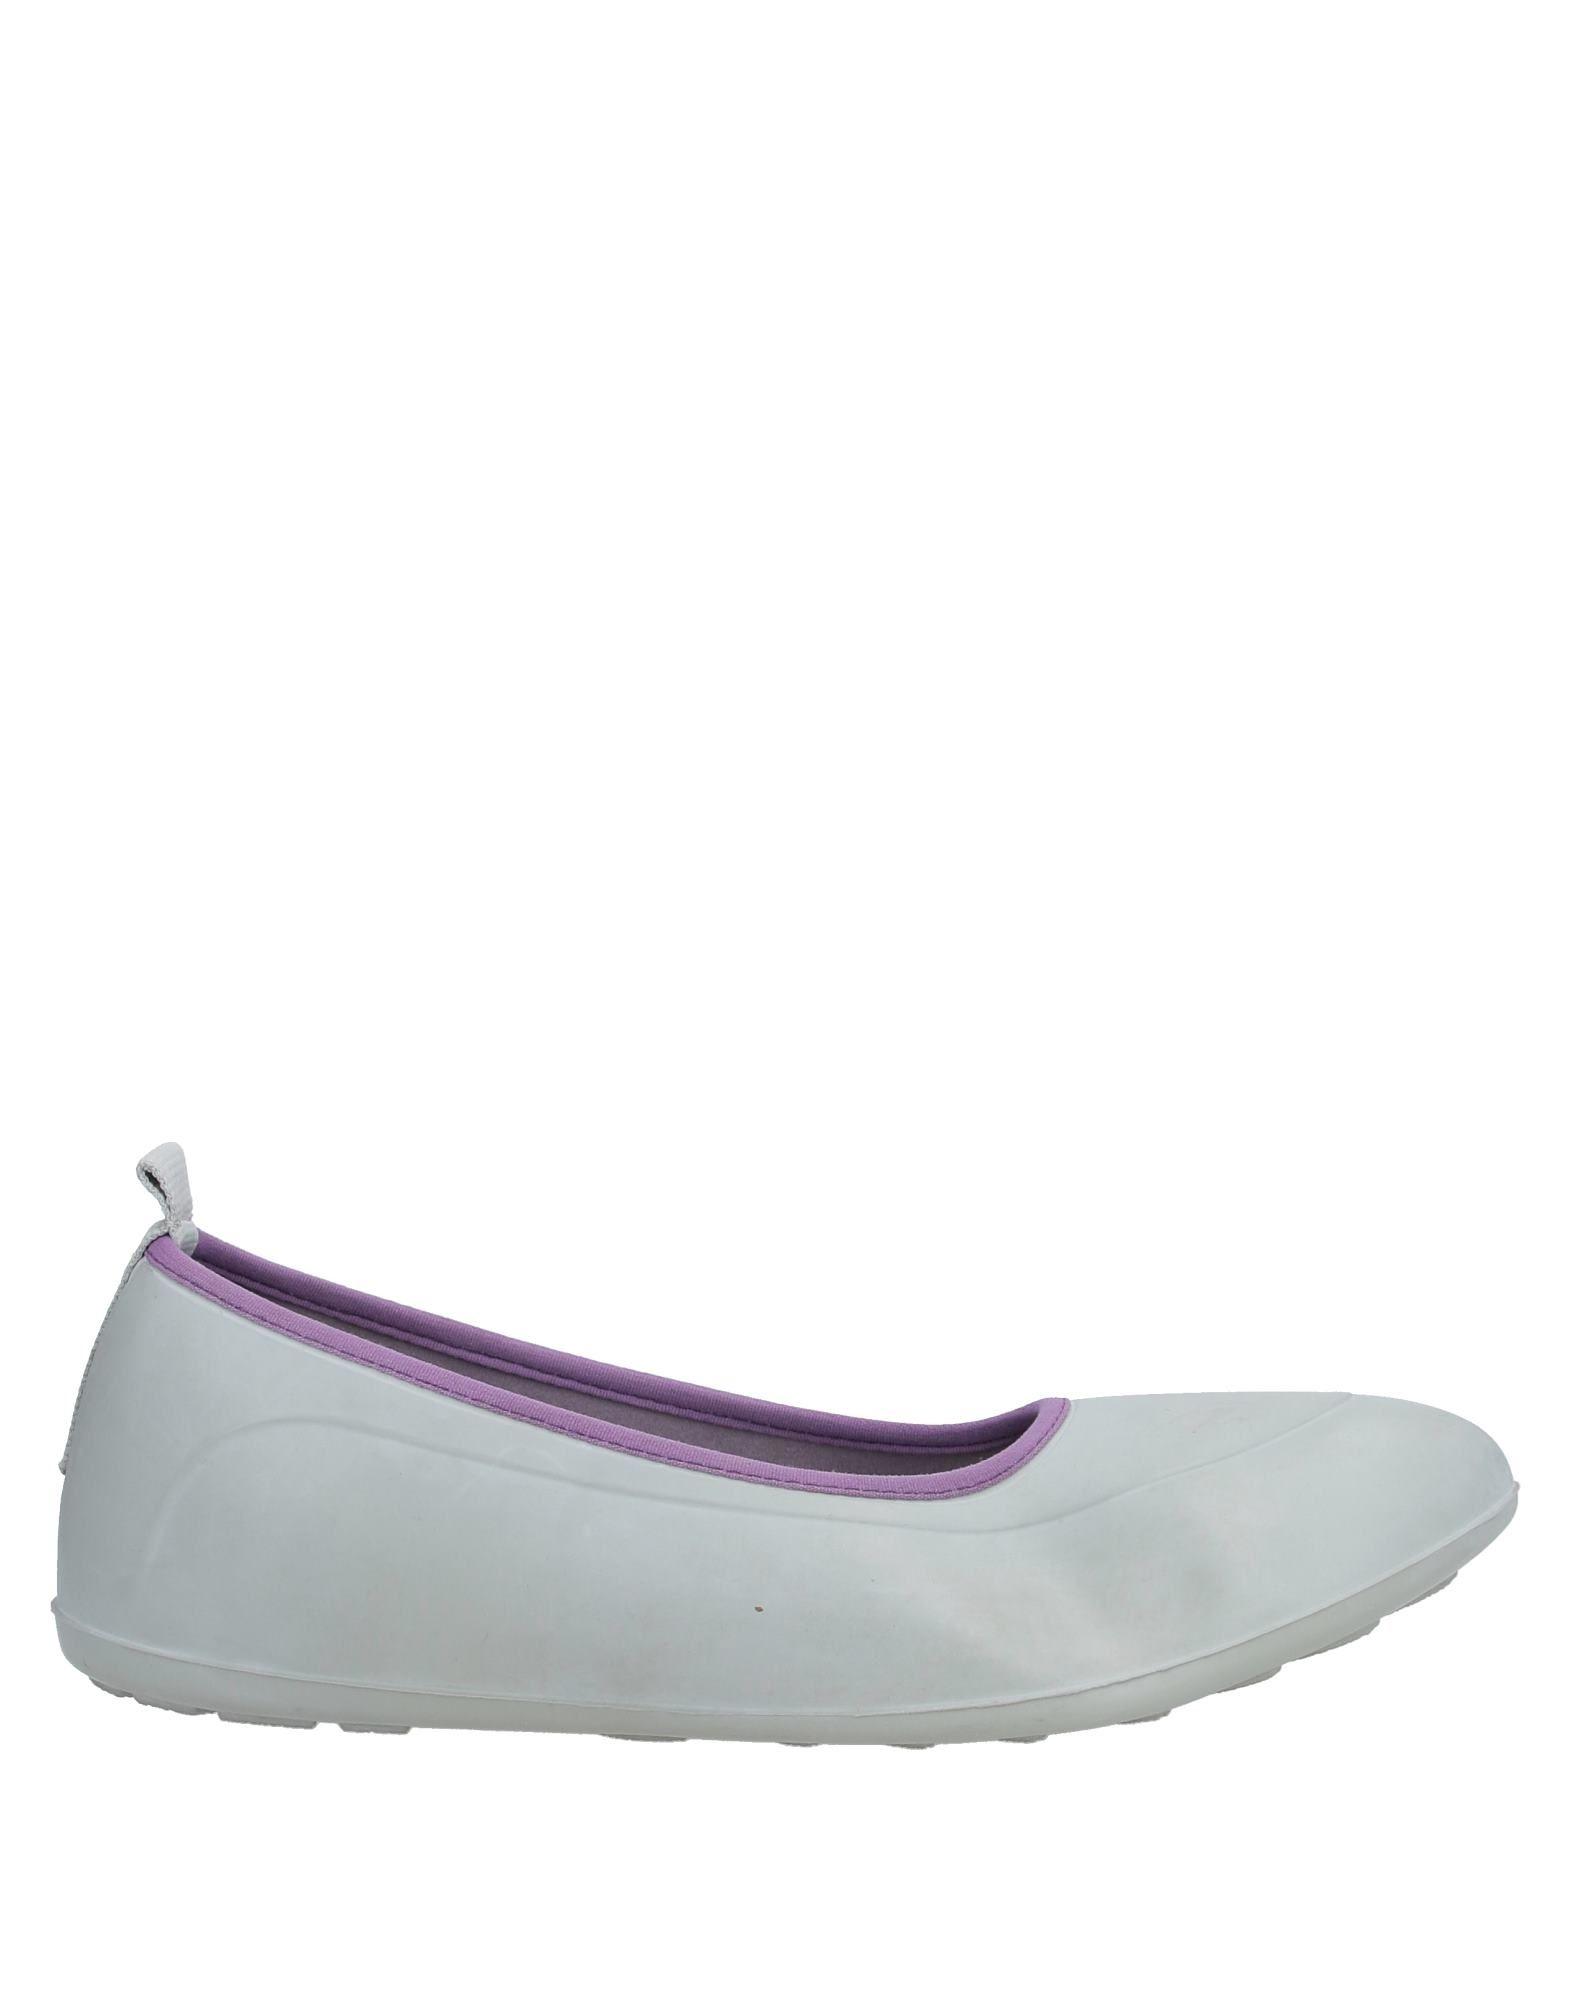 демикс кроссовки белые